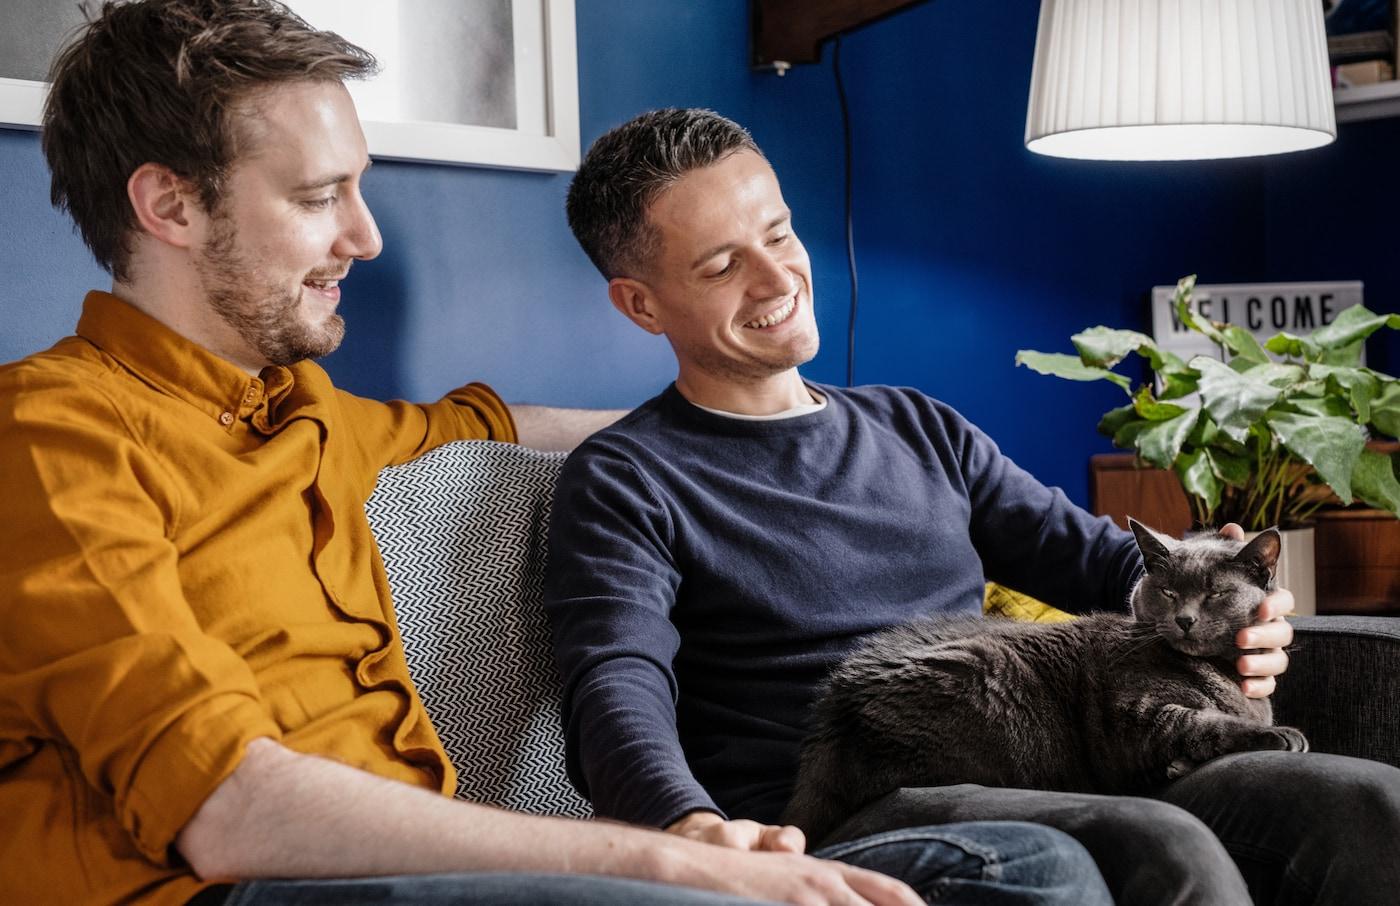 Ikea naureskelee Applen uutuudelle – katso hulvaton mainos